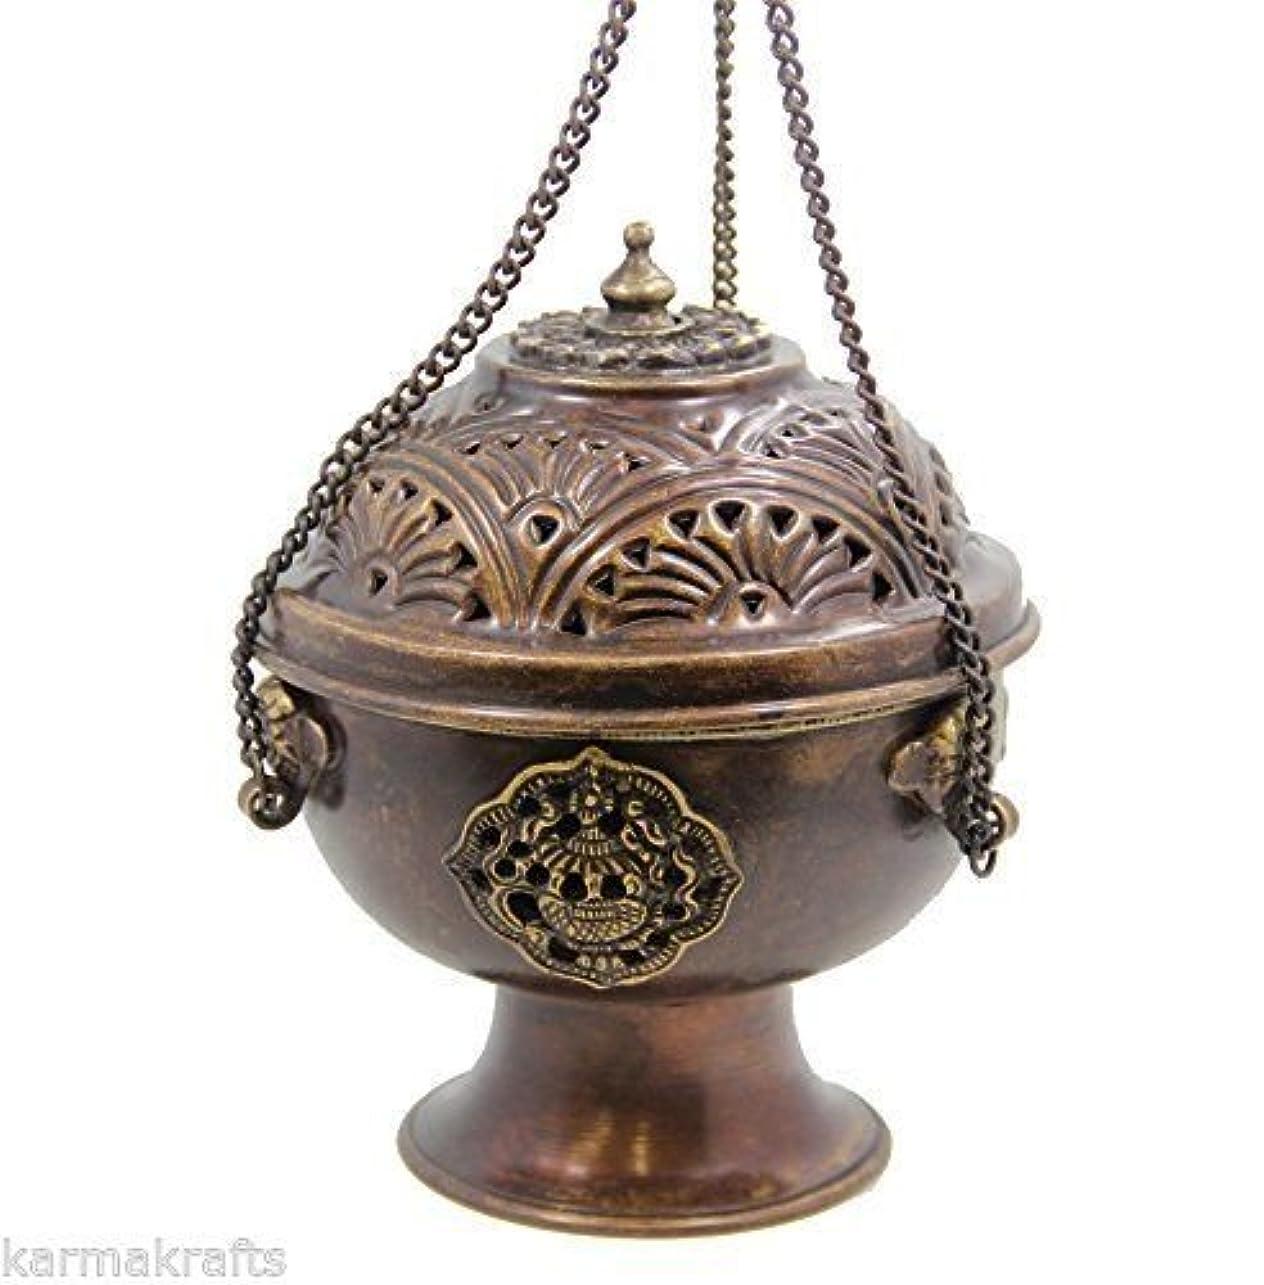 すすり泣き恵み麺チベットHanging DharmaObjects Incense Burner ~銅W /チベットシンボル~ 5.25